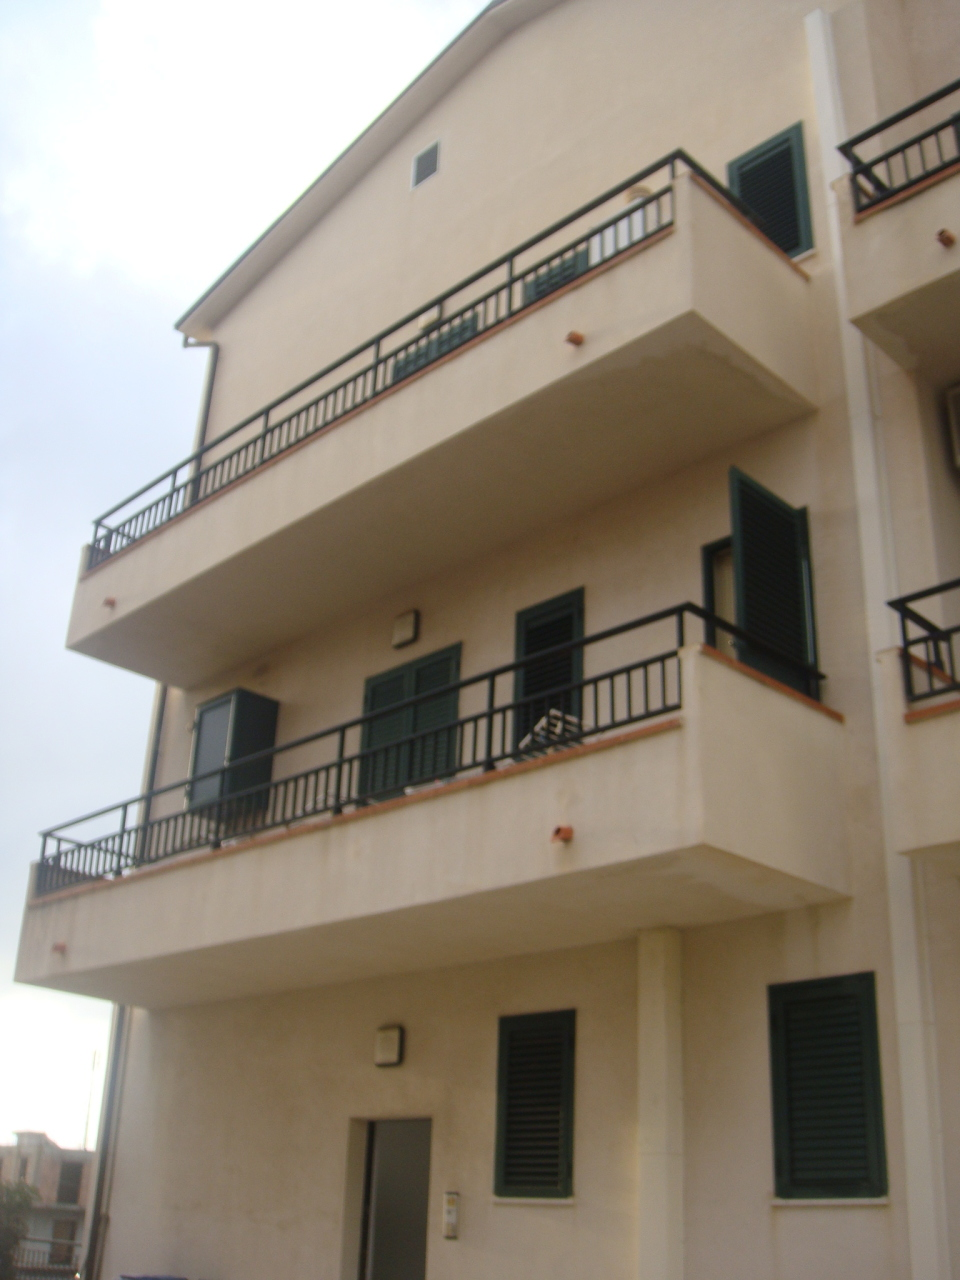 Appartamento in vendita a Motta San Giovanni, 6 locali, prezzo € 200.000 | Cambio Casa.it